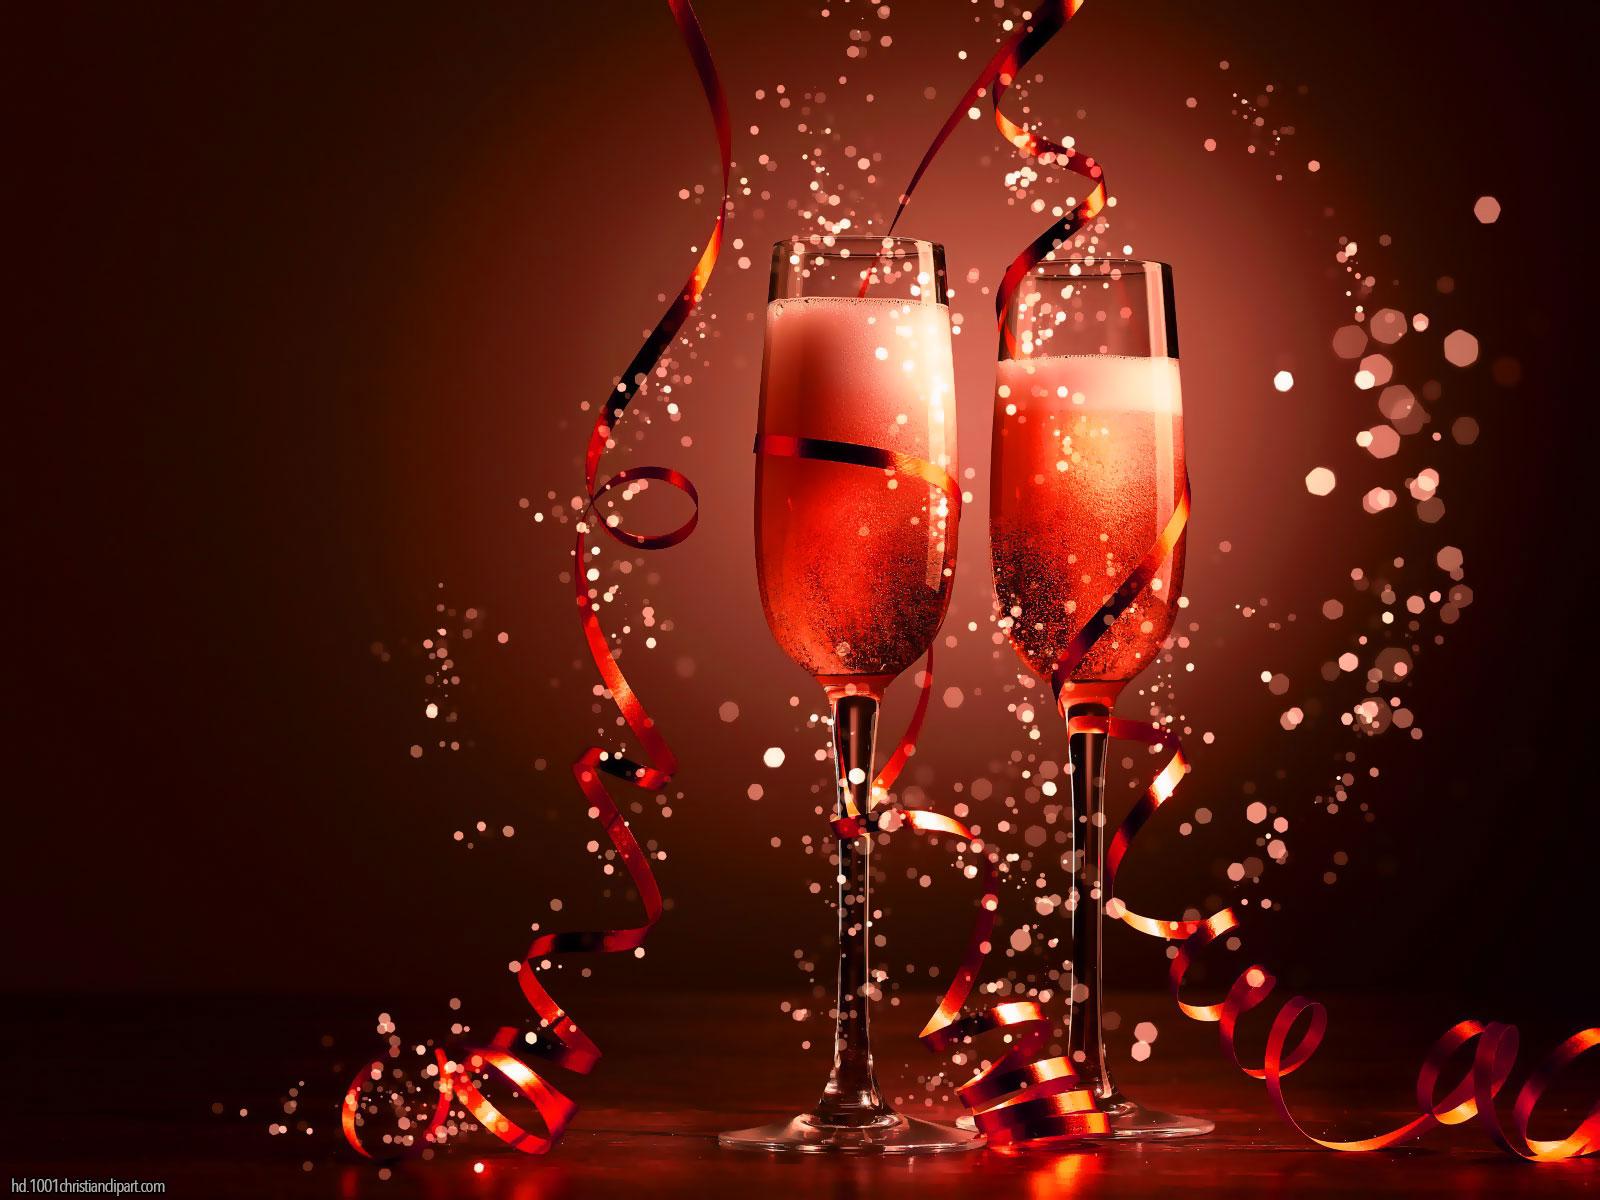 new-year-celebration-background